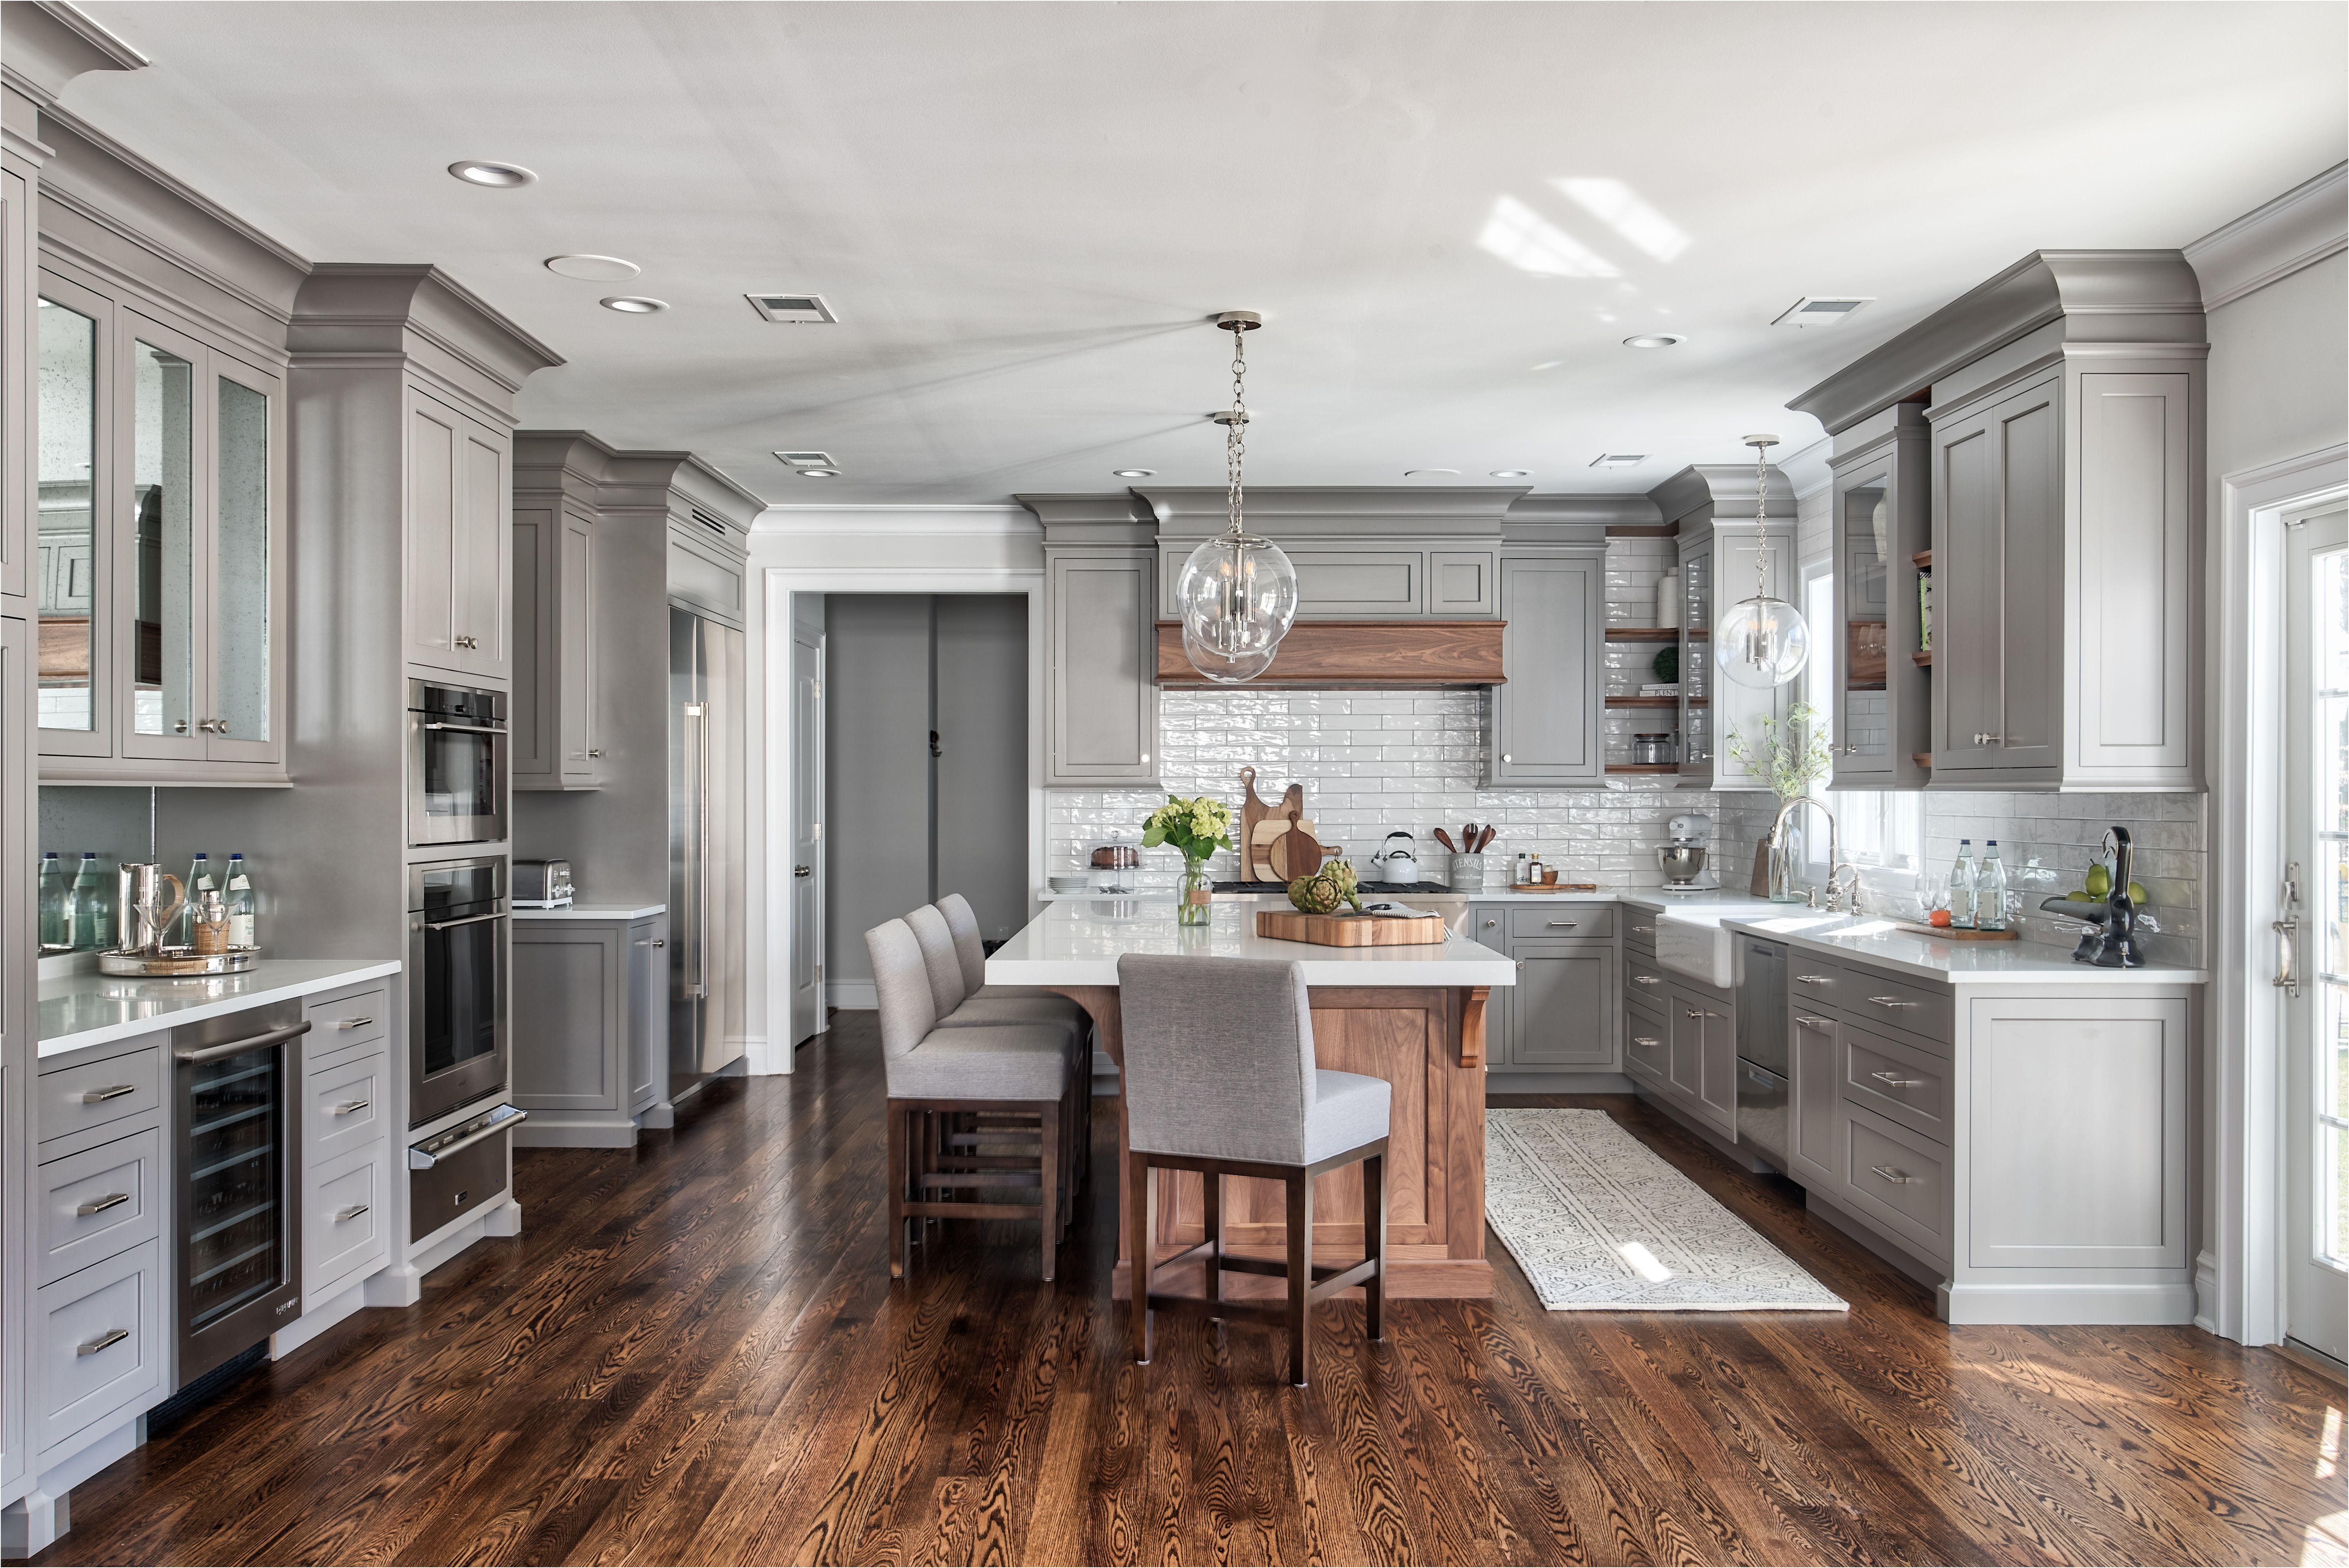 10 Extraordinary Kitchen Cabinets Interior Design Image In 2020 Grey Kitchen Designs Interior Design Kitchen Kitchen Remodel